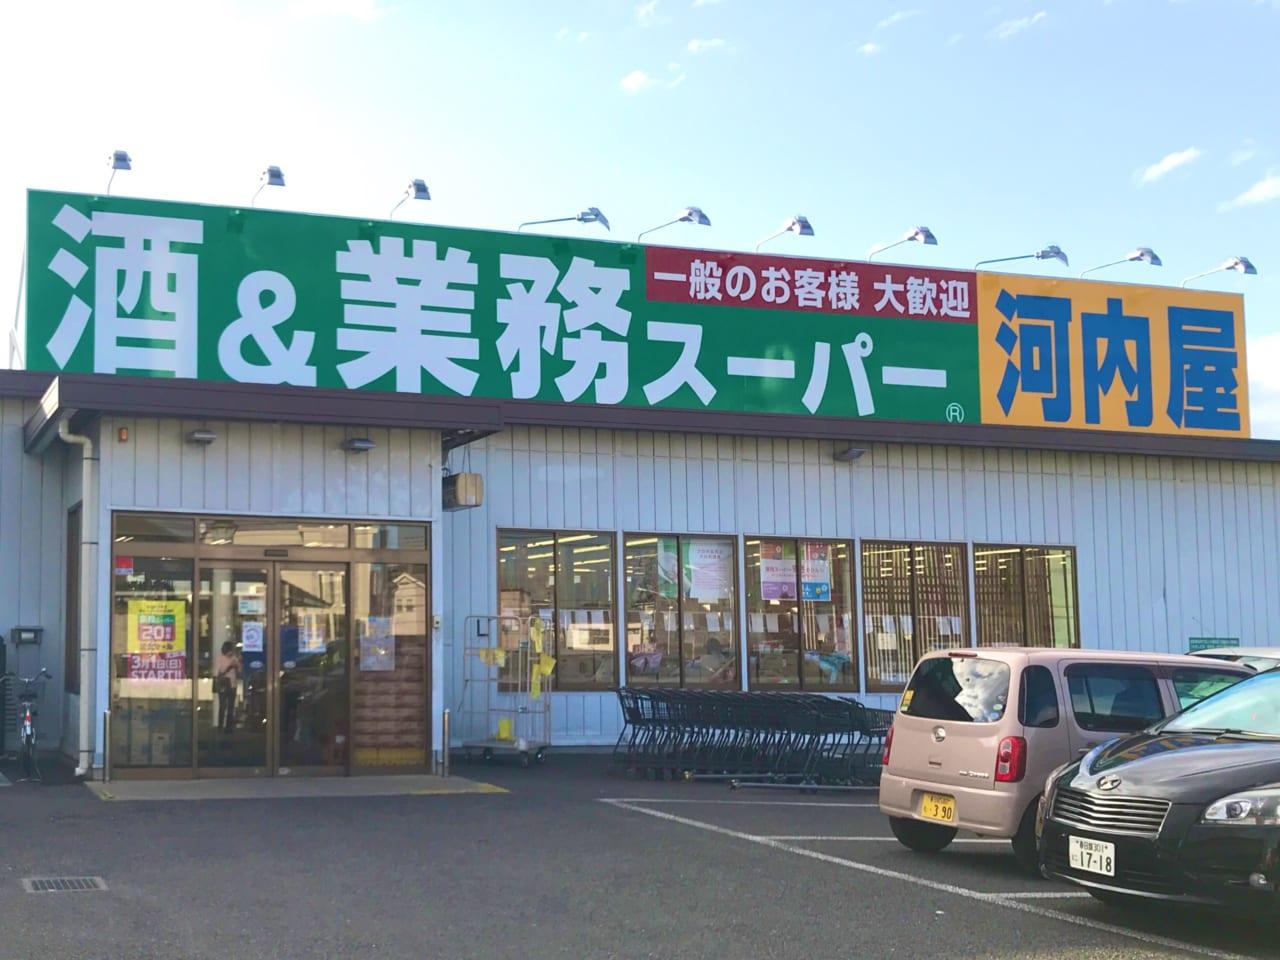 スーパー 近く の 業務